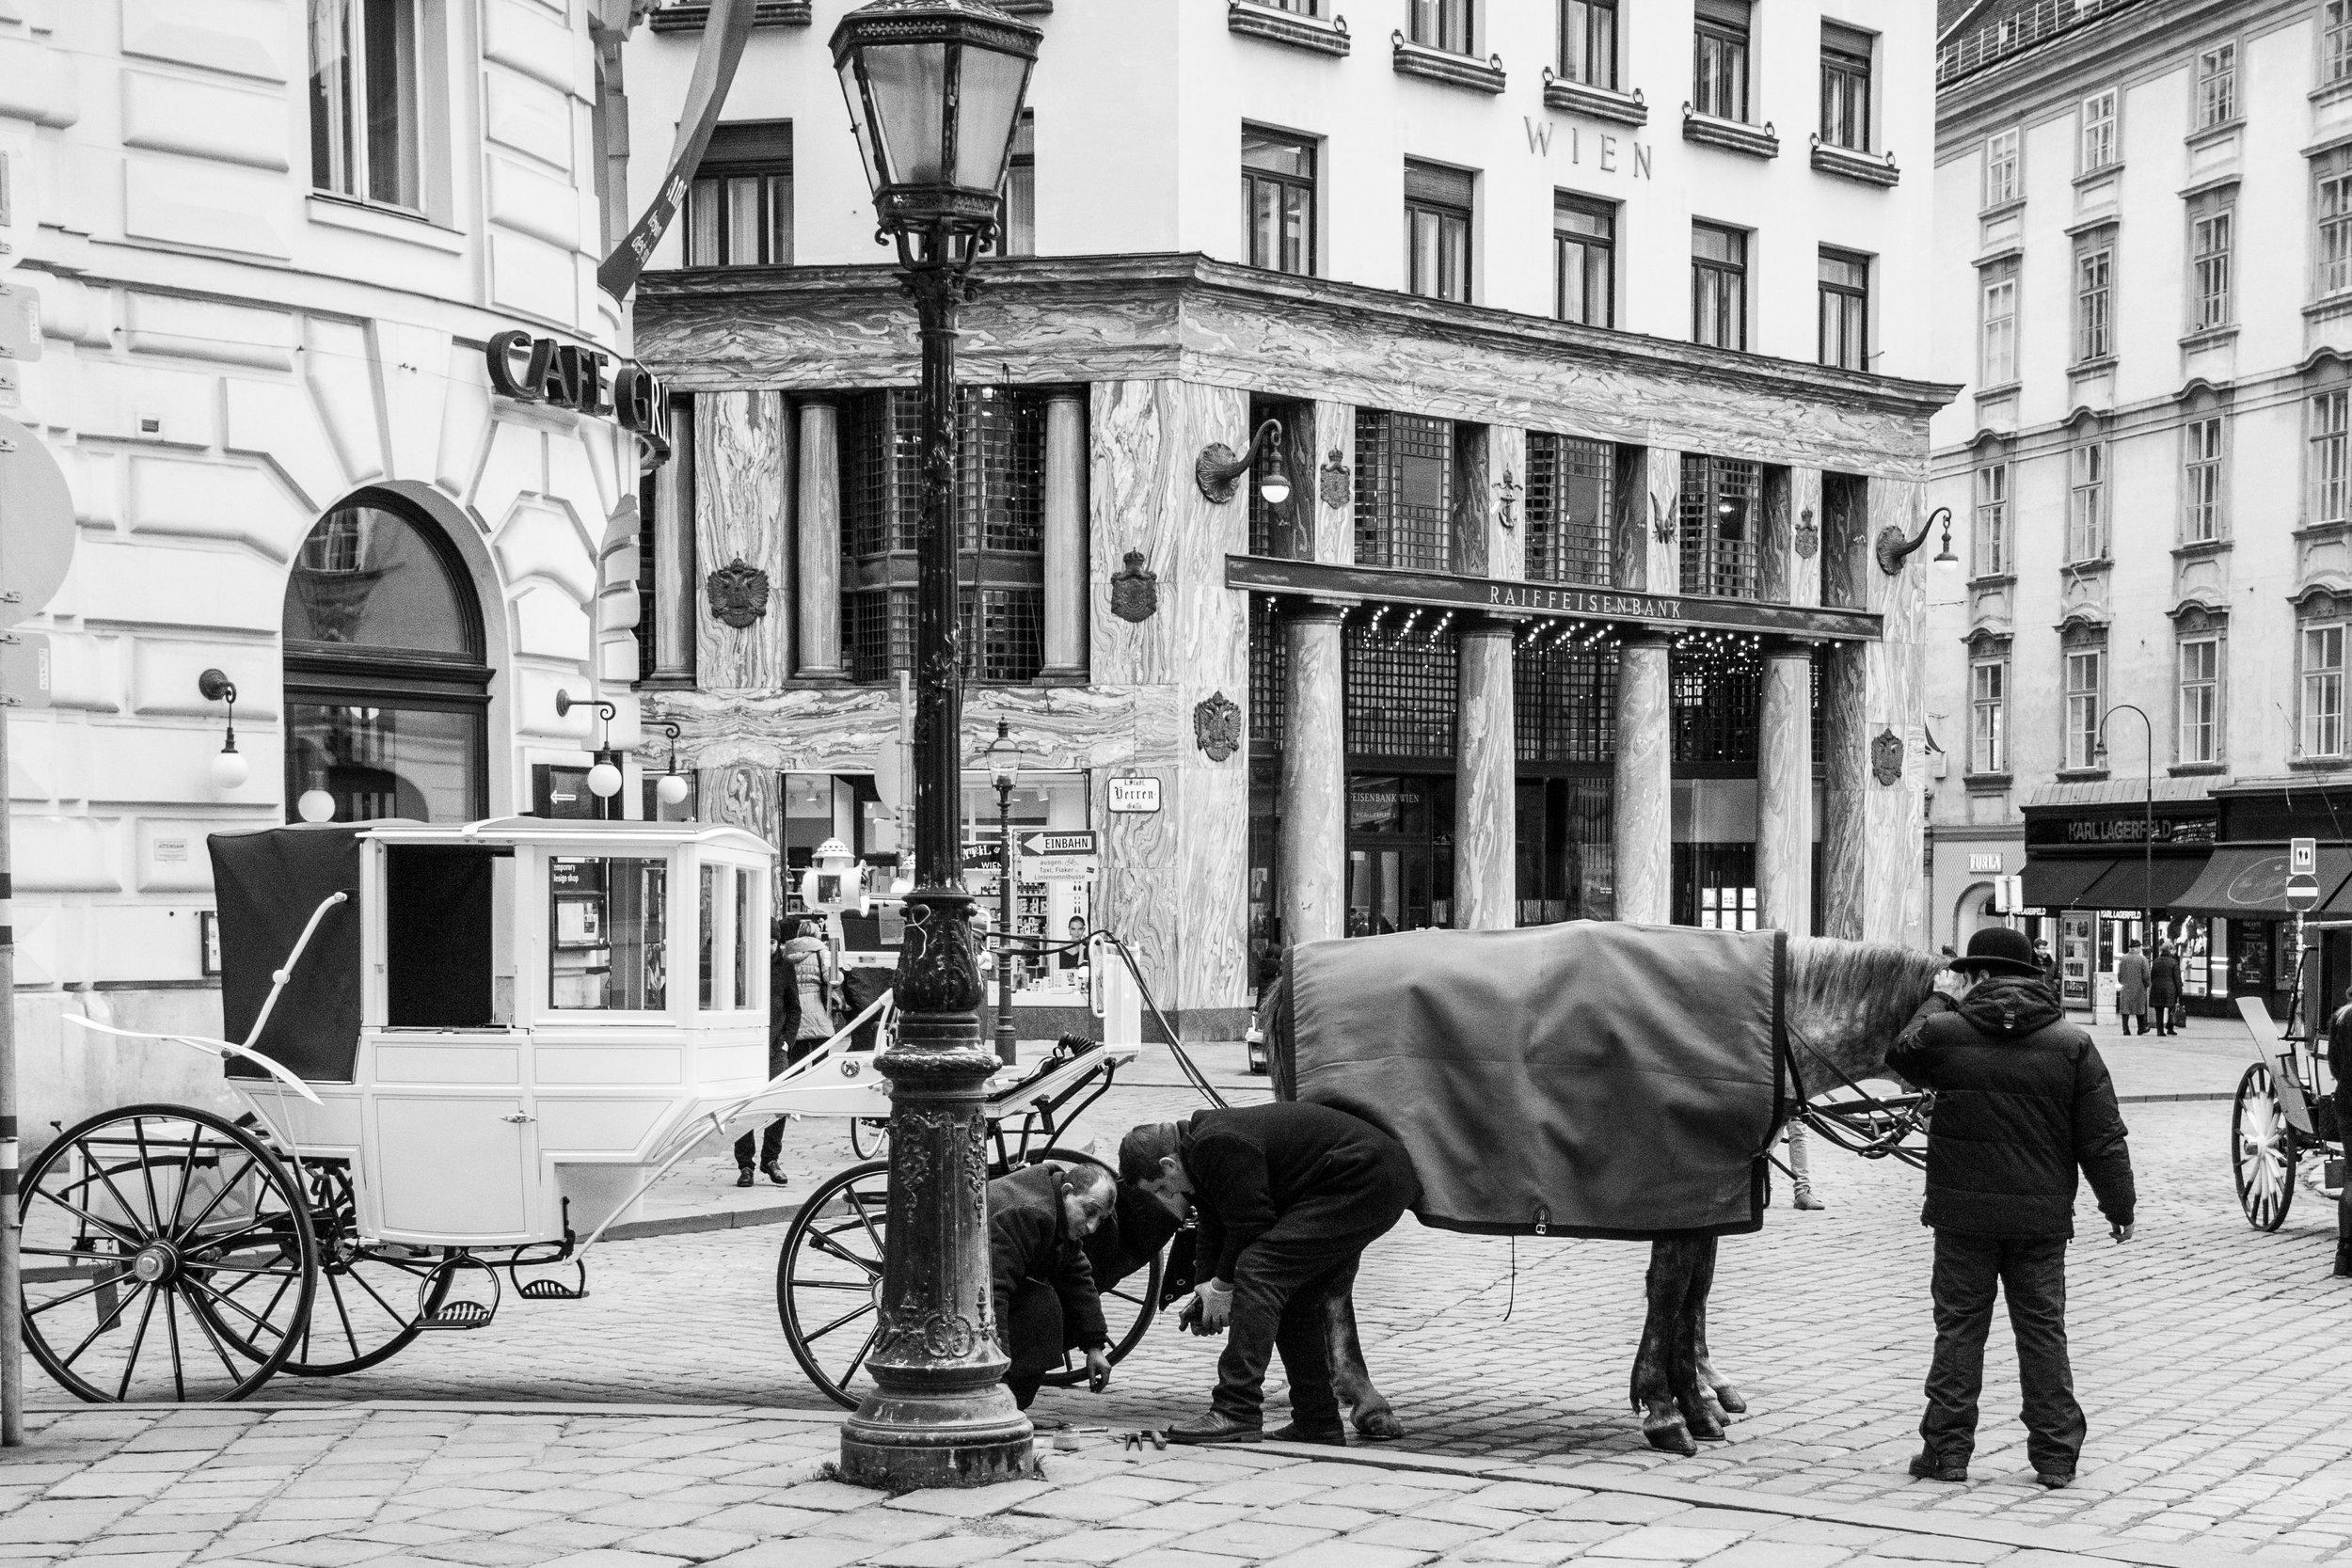 1010 Wien - Michaelerplatz   EOS 70D - F/3,5 - 1/500 Sek - ISO 800 - 26mm